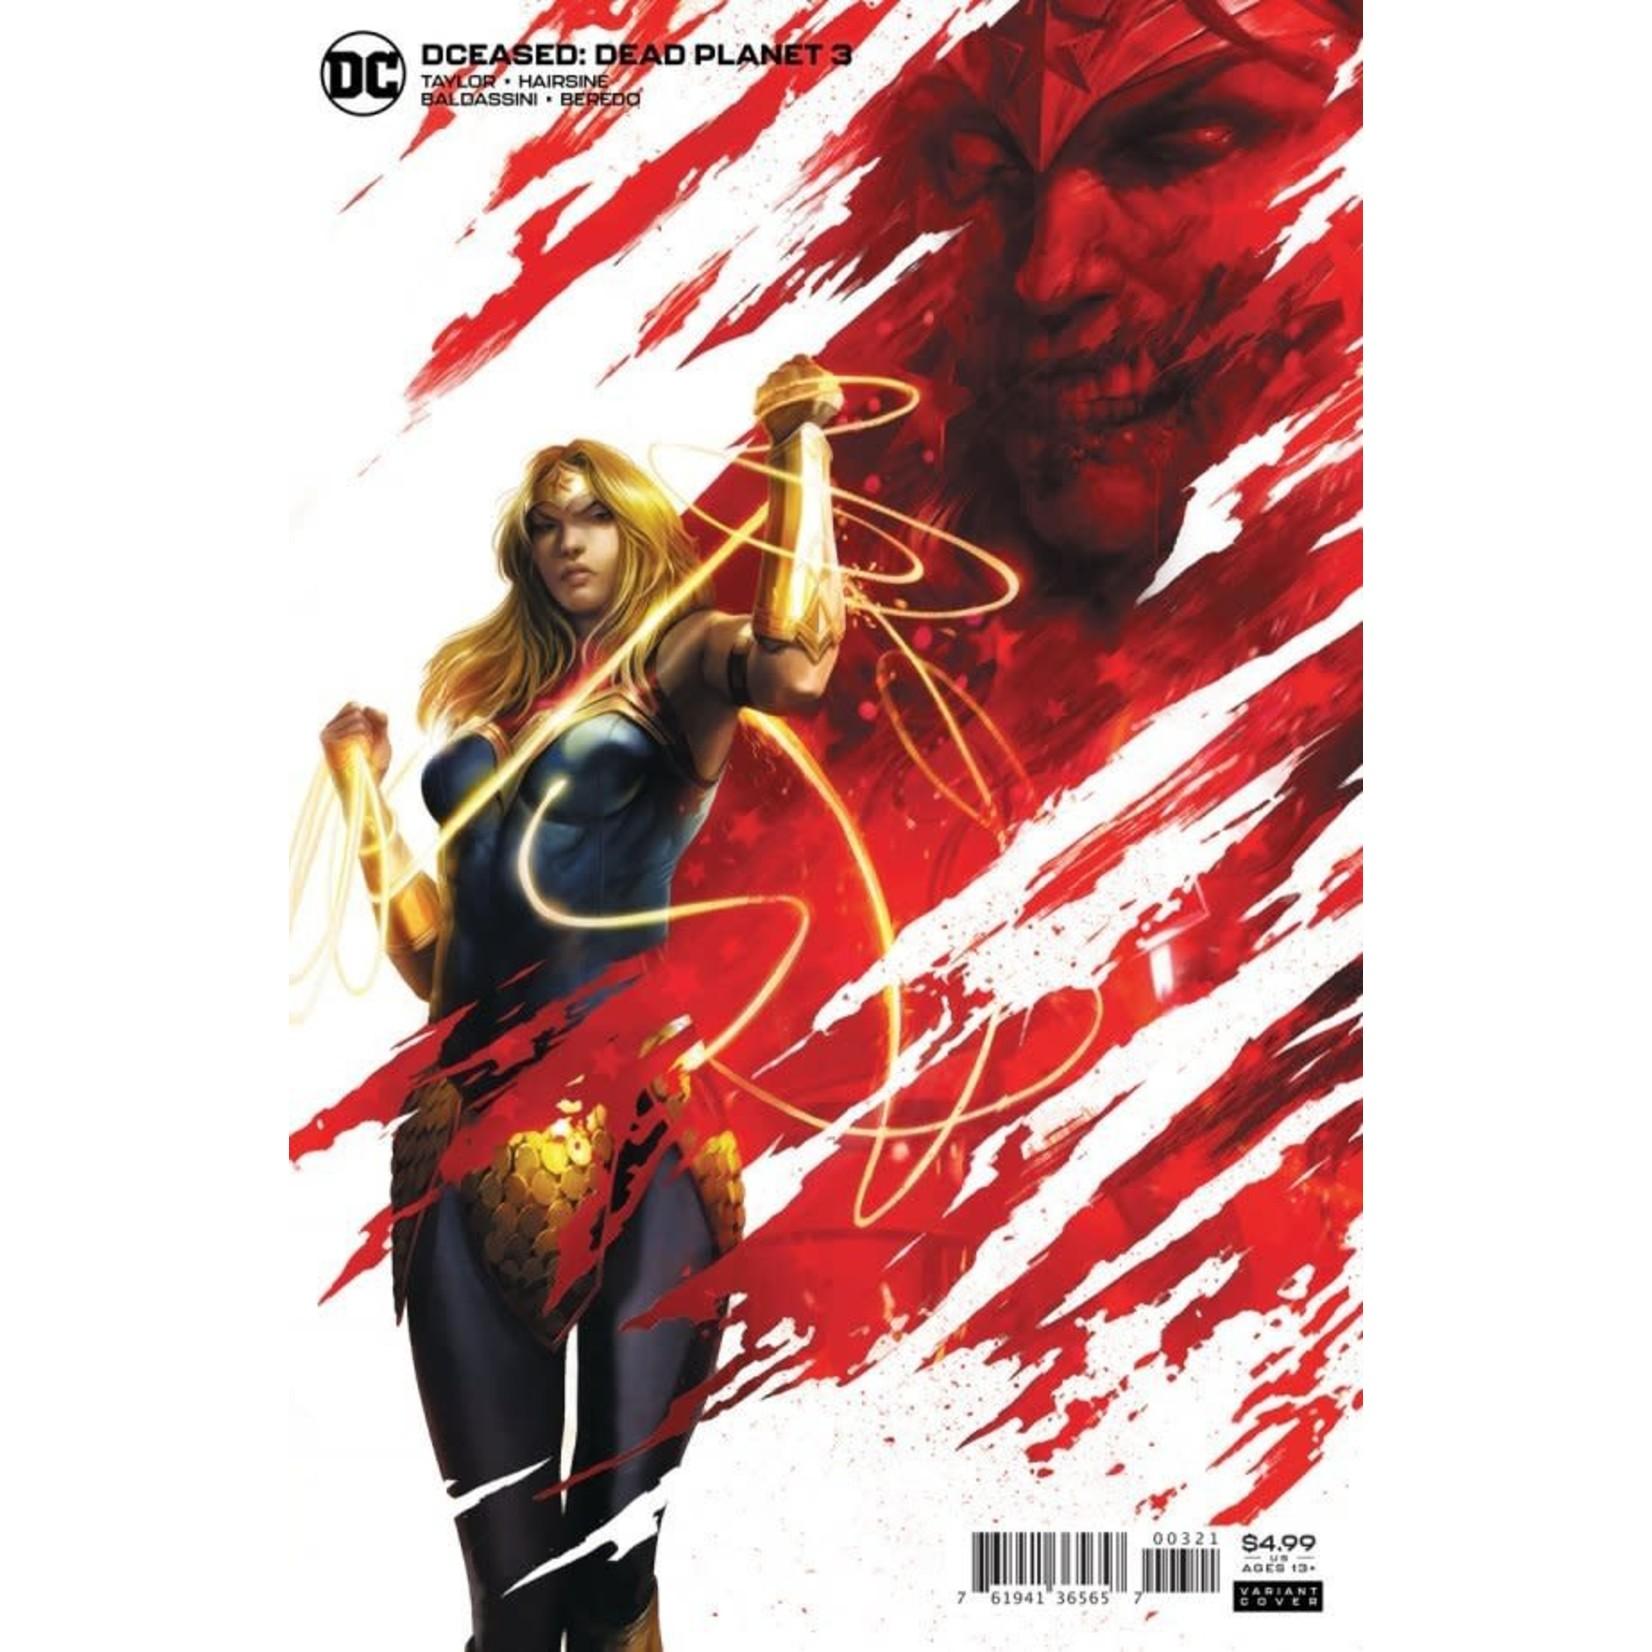 DC Comics DCeased: Dead Planet #3 Cover B Francesco Mattina Card Stock Variant Cover